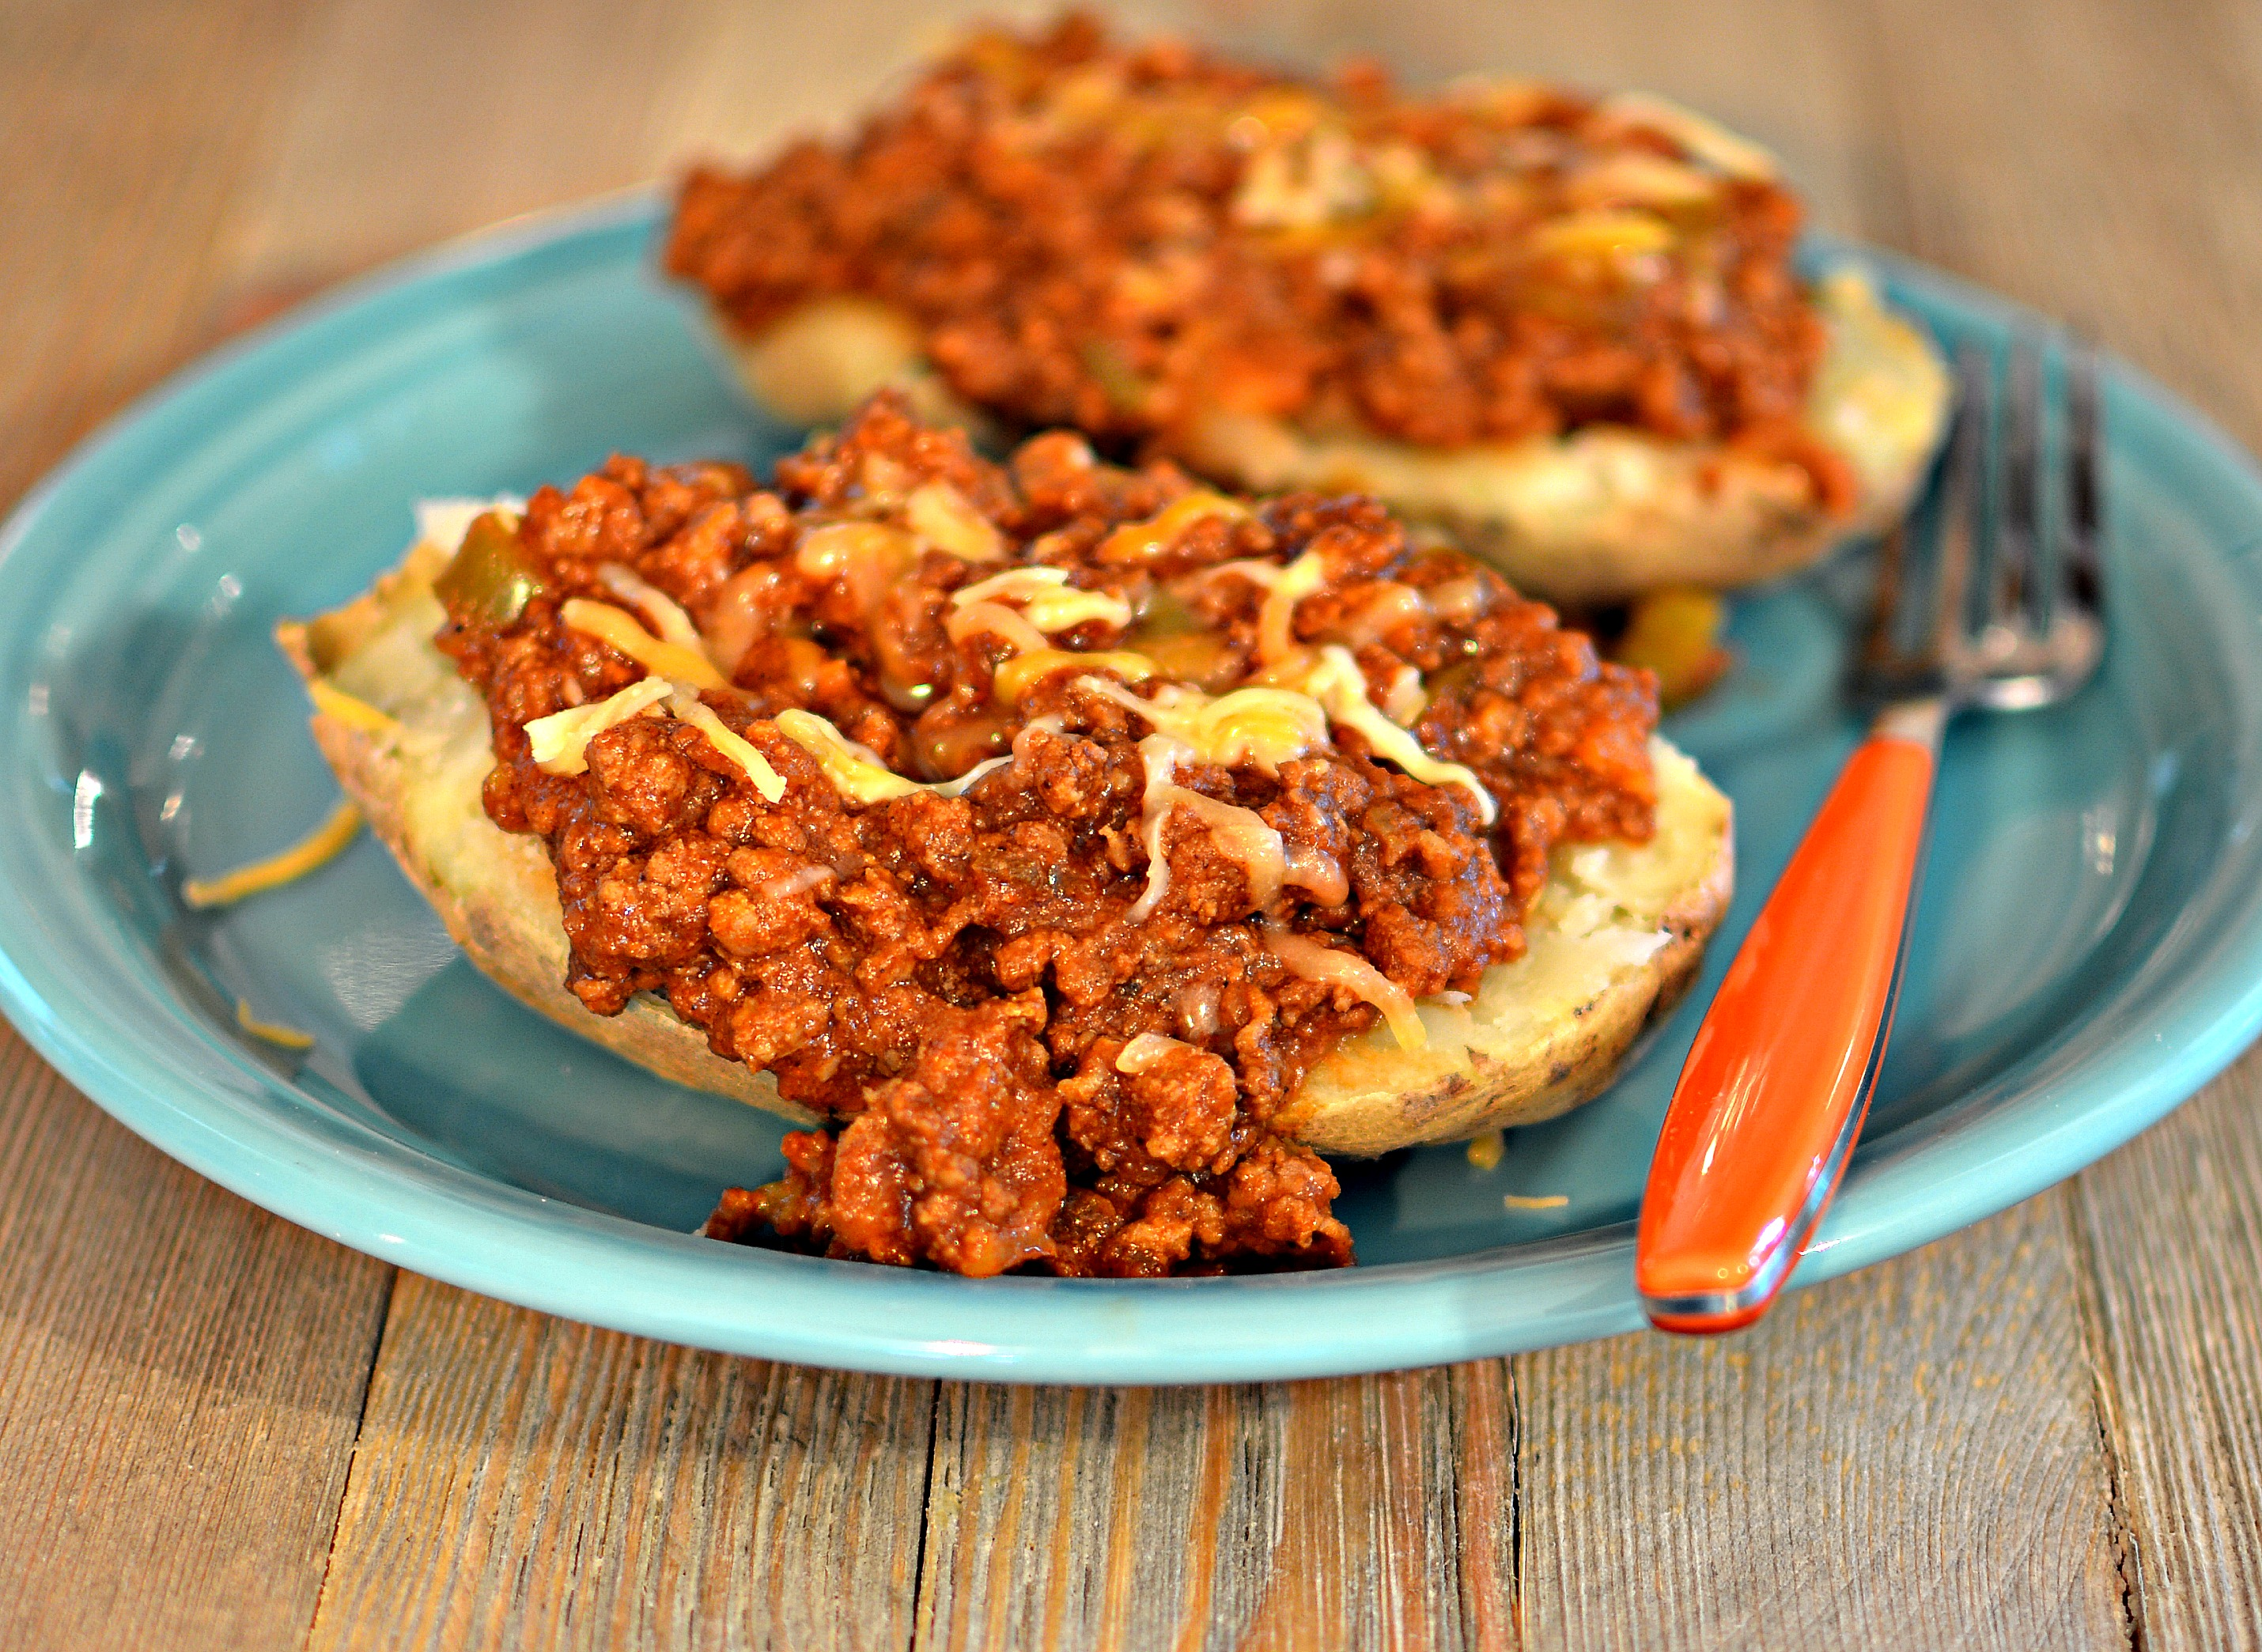 Sloppy Joe Baked Potatoes Recipe Allrecipes